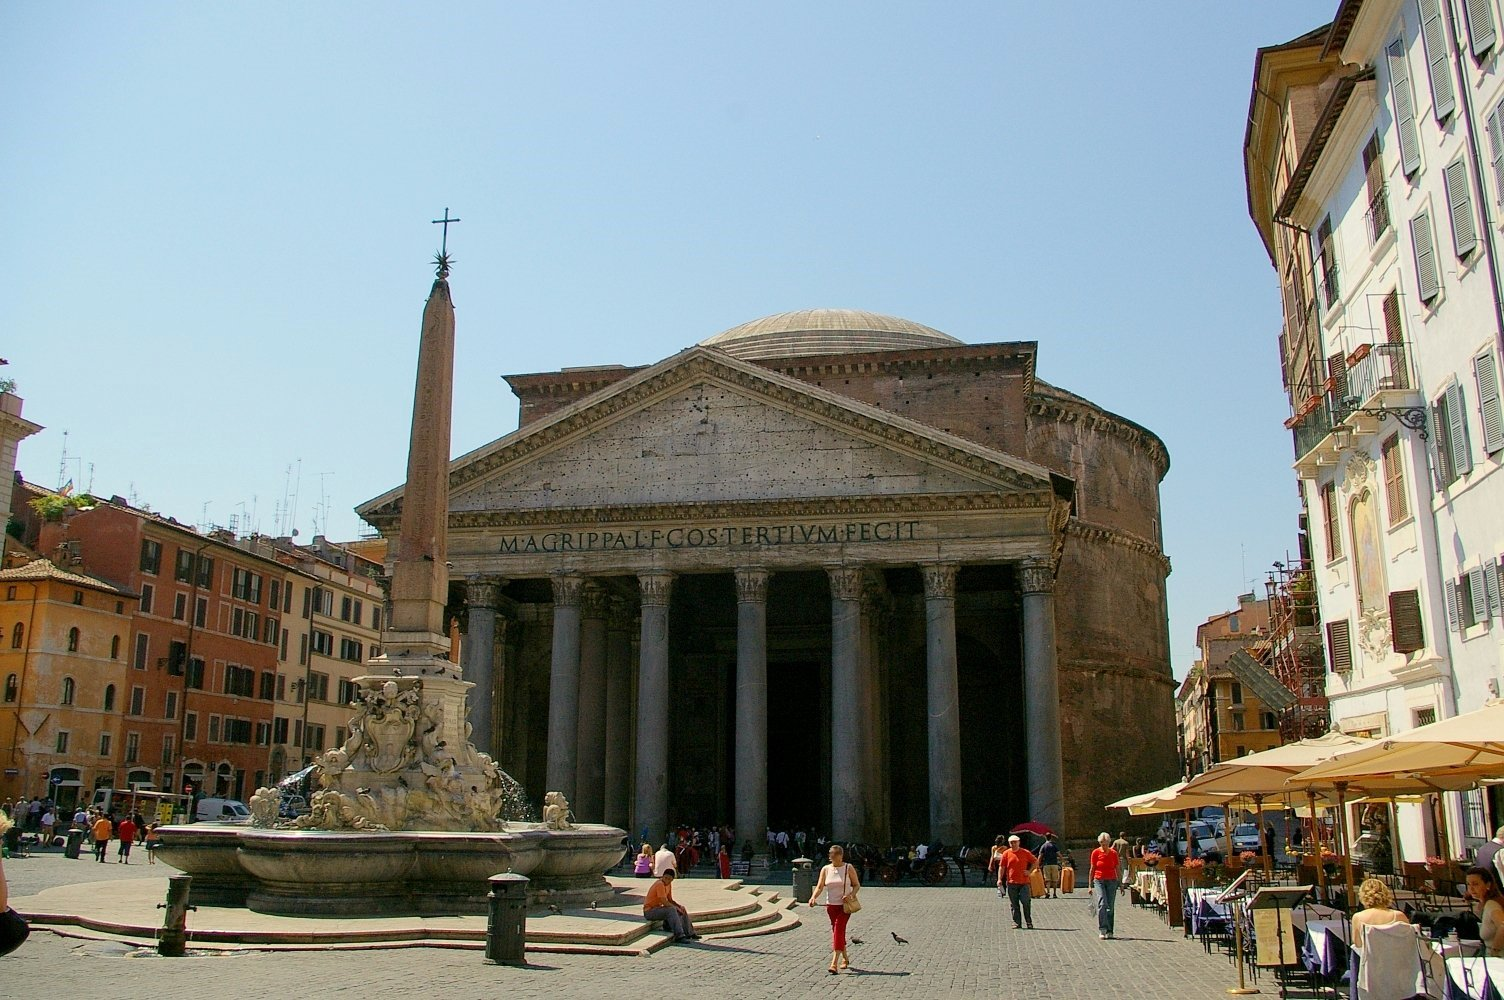 Piazza della Rotonda_Pantheon_Rome (3)